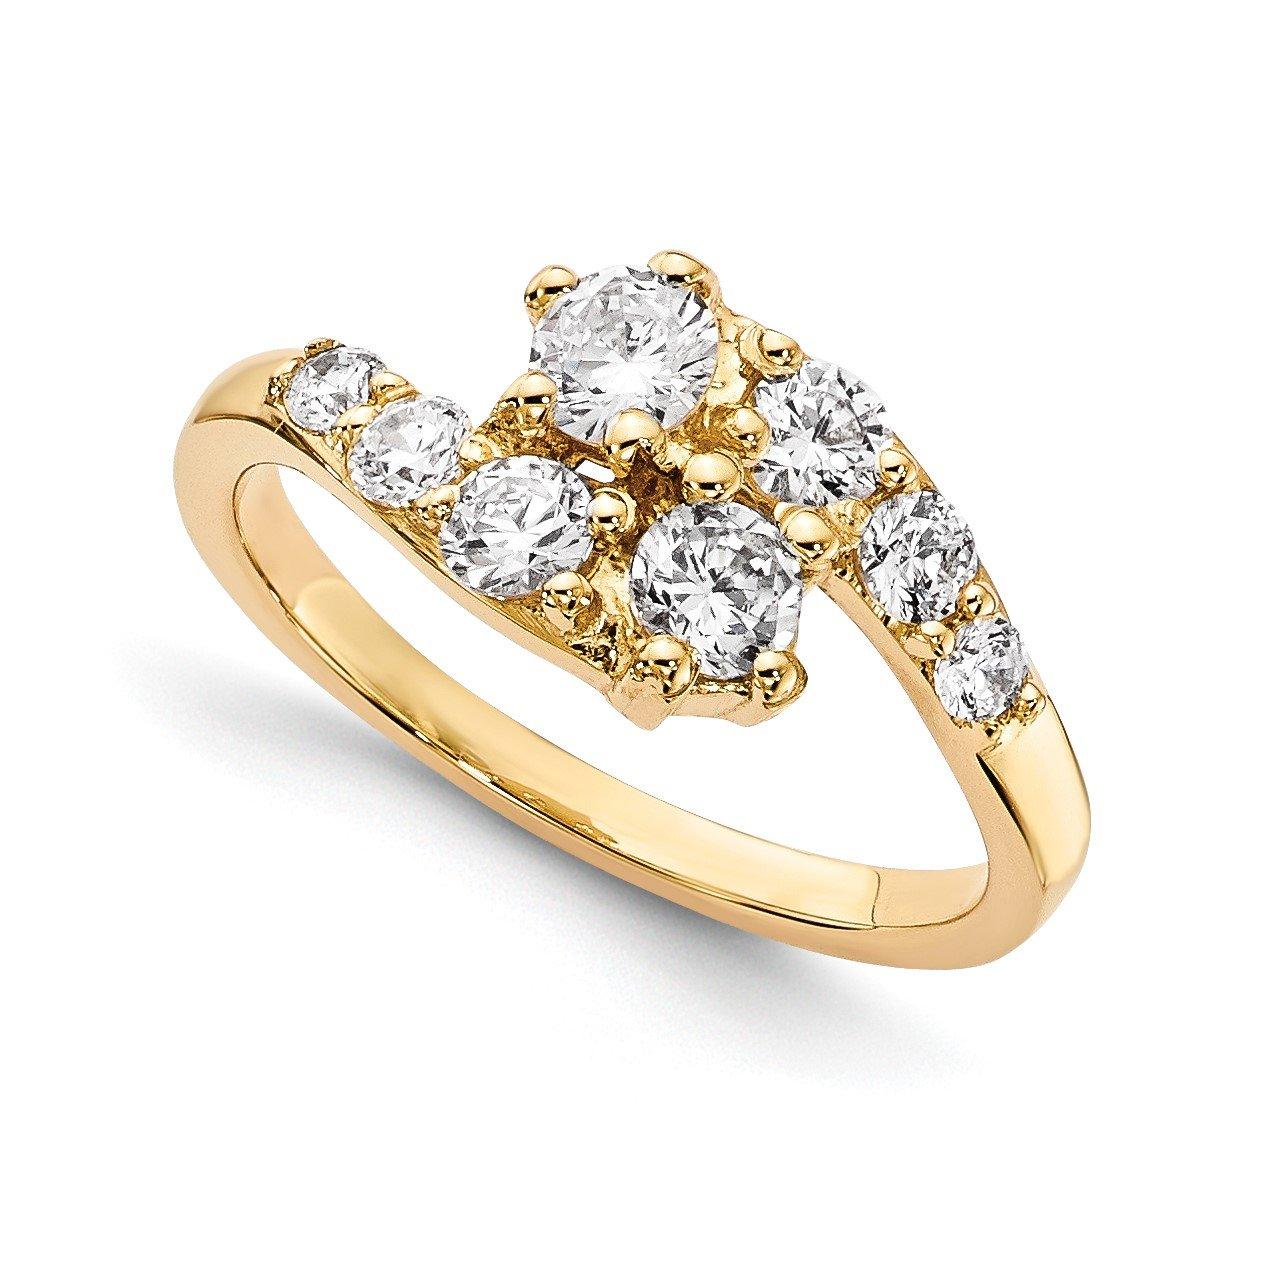 14KY AAA Diamond 2-stone Ring Semi-Mount - 2.6 mm center stones